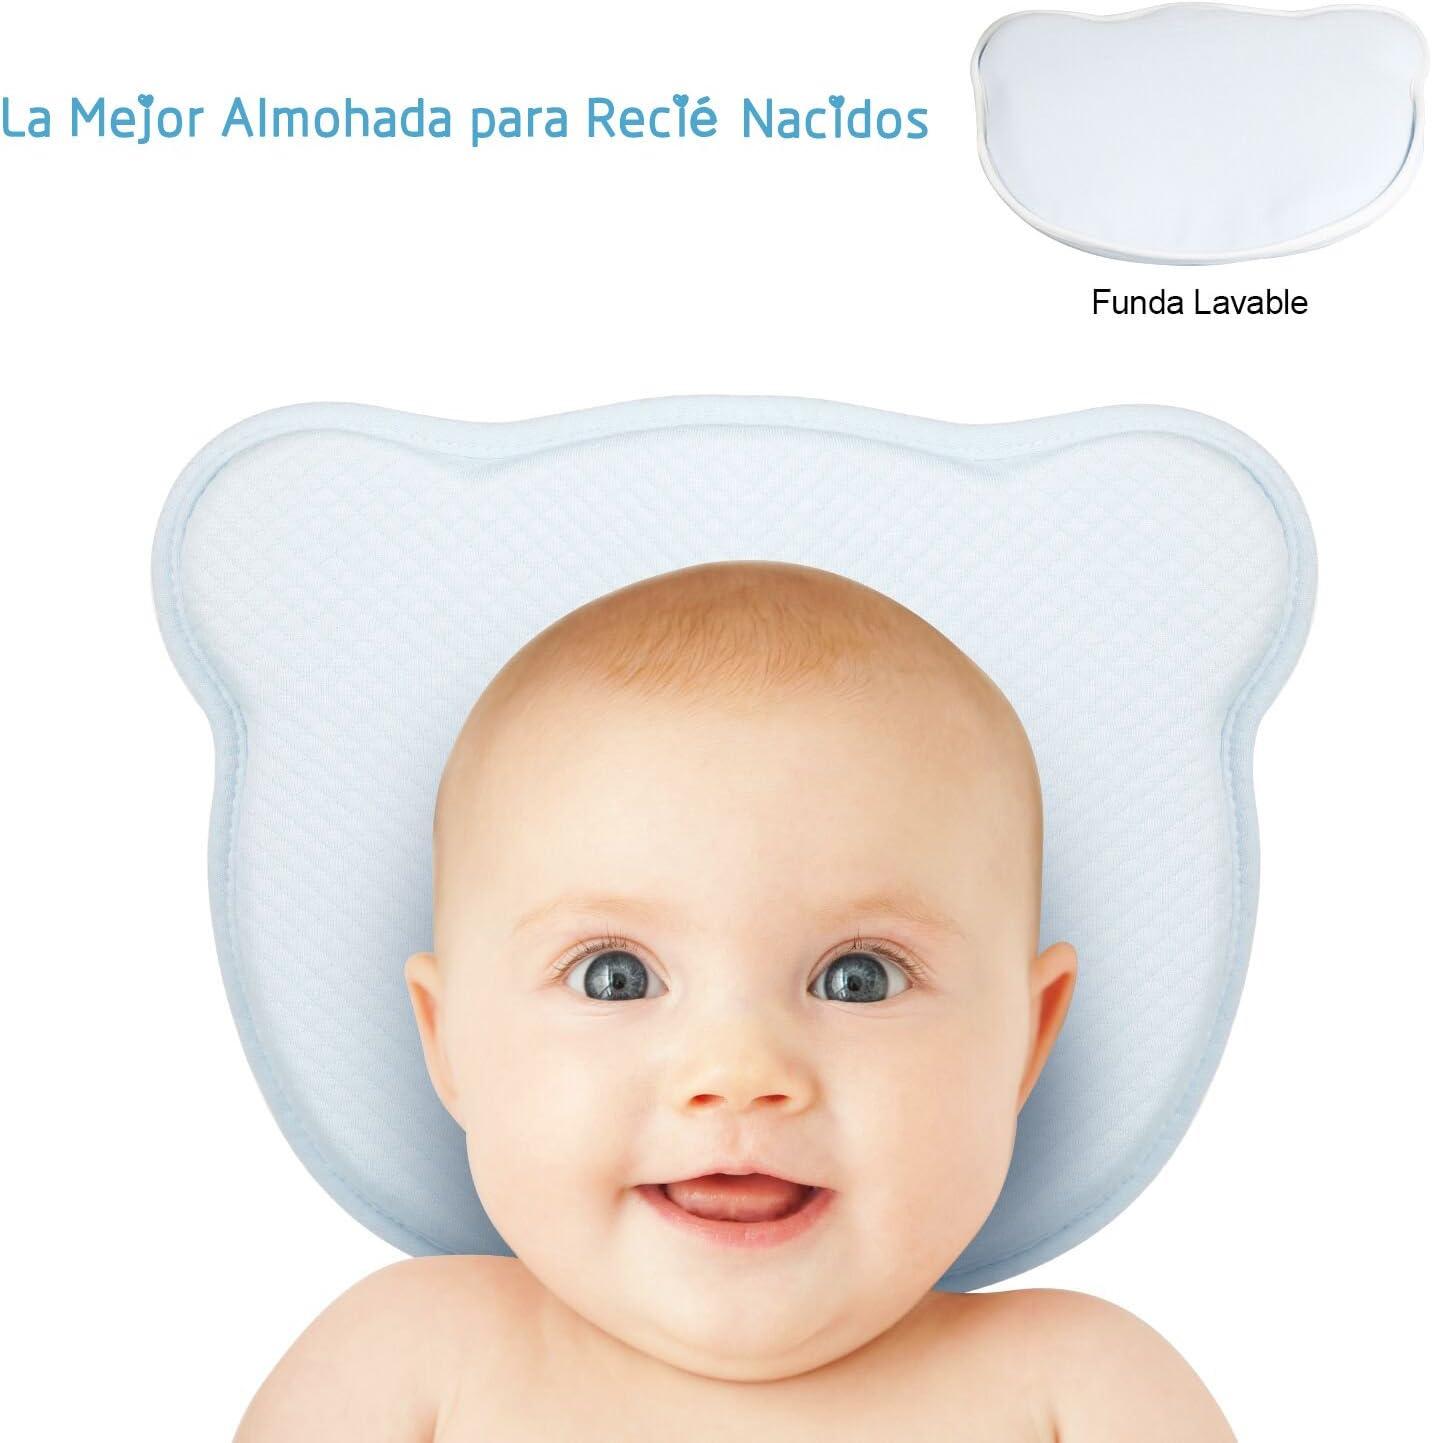 Almohada Bebé para Plagiocefalia con Funda Lavable Miacoco Almohada para Bebé Recien Nacido 0~12 Meses paraPrevenir la Plagiocefalia y Cabeza Plana Almohada Ortopédica para Bebés